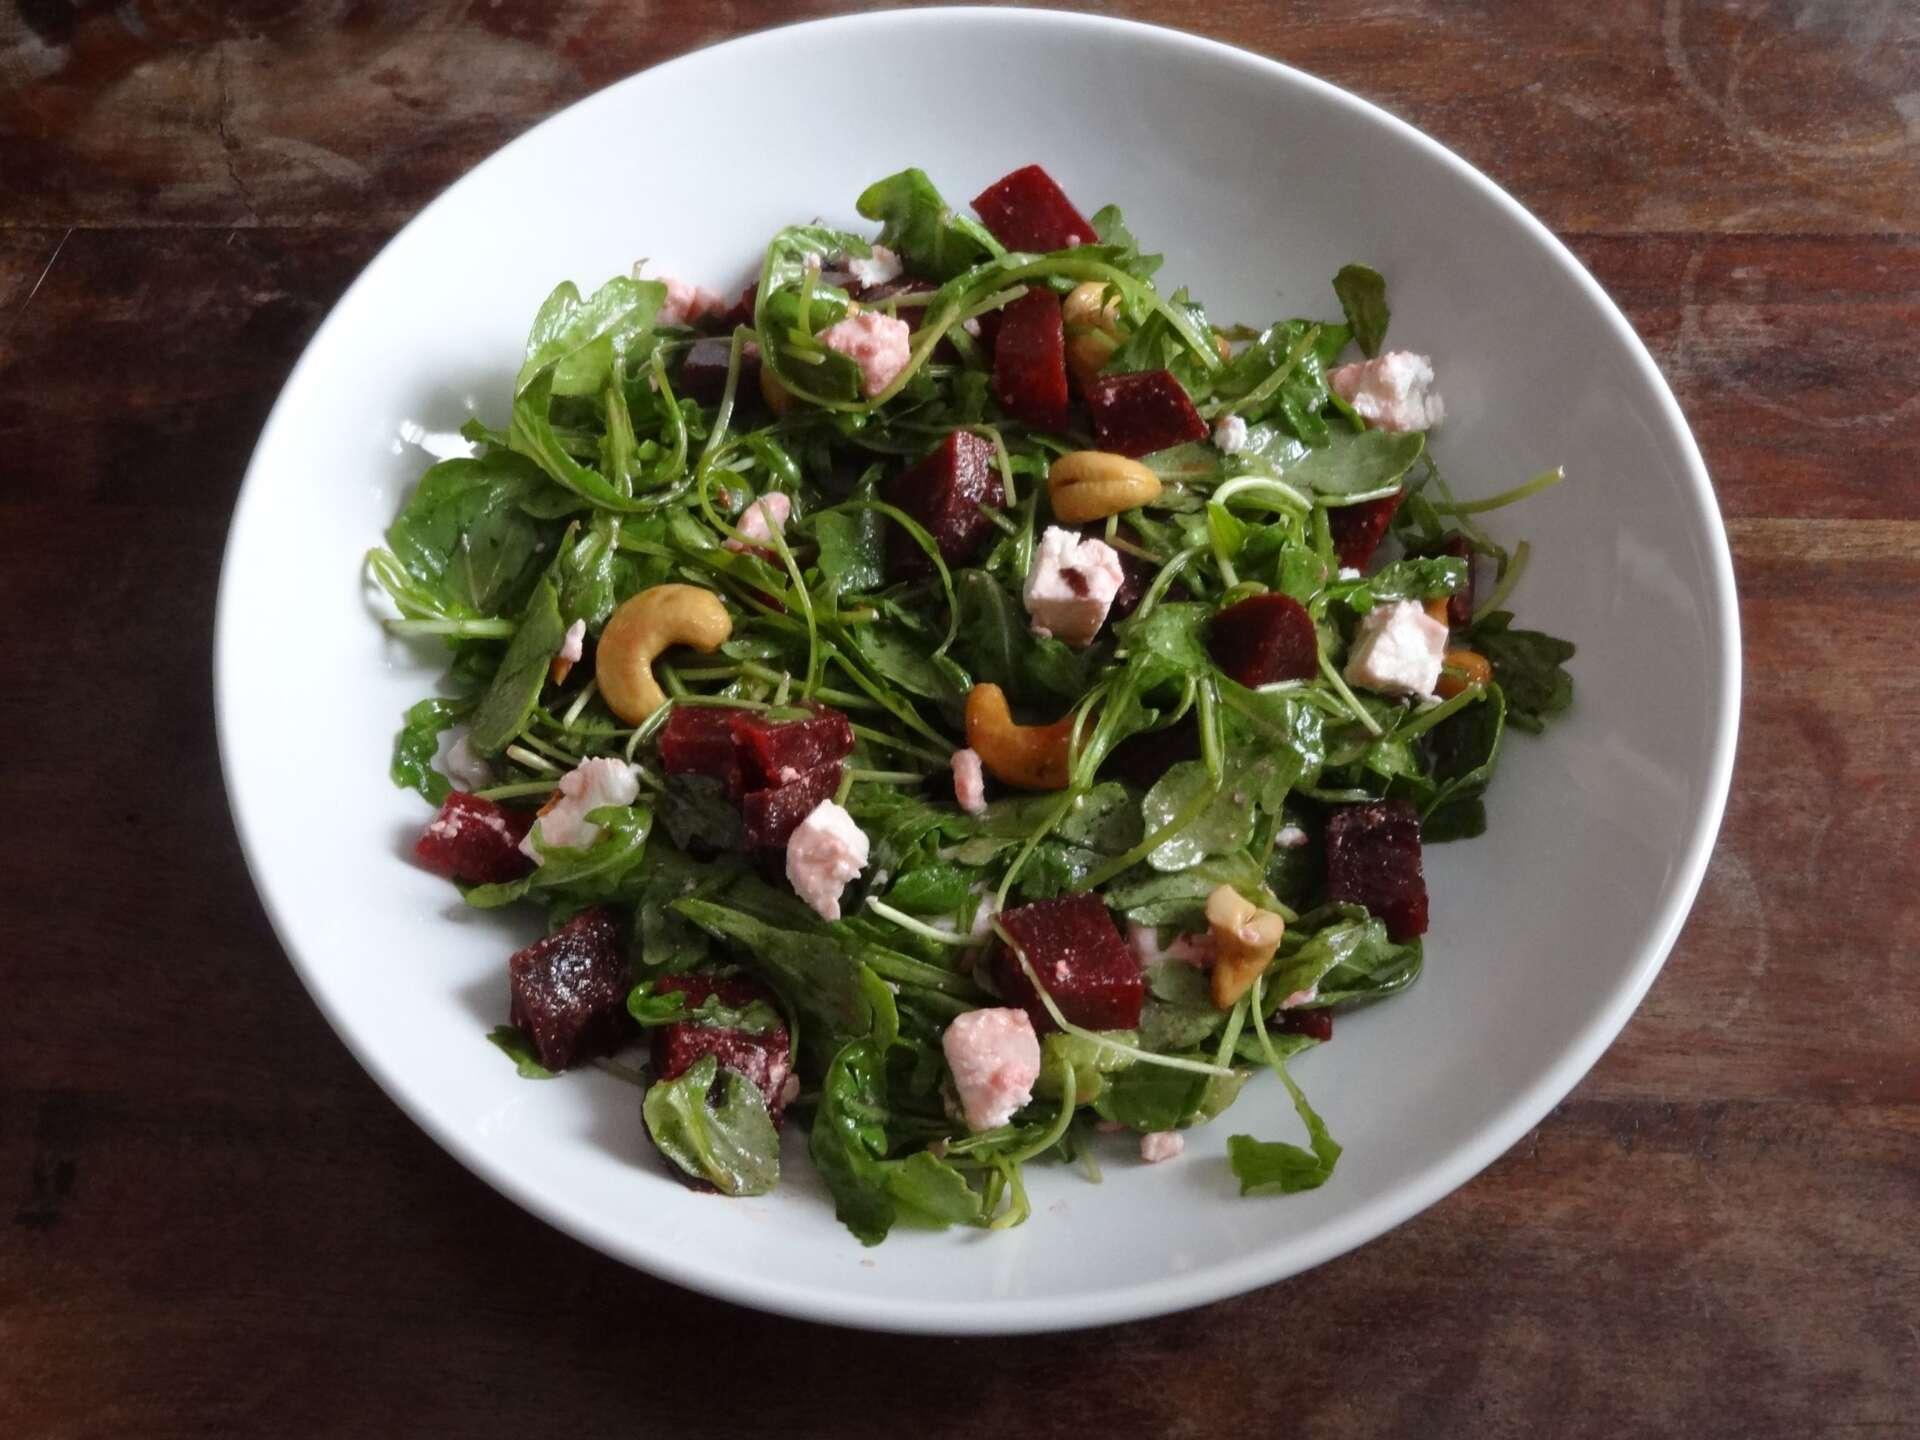 Salade australienne simple et rapide la tendresse en cuisine - Cuisine simple et rapide ...